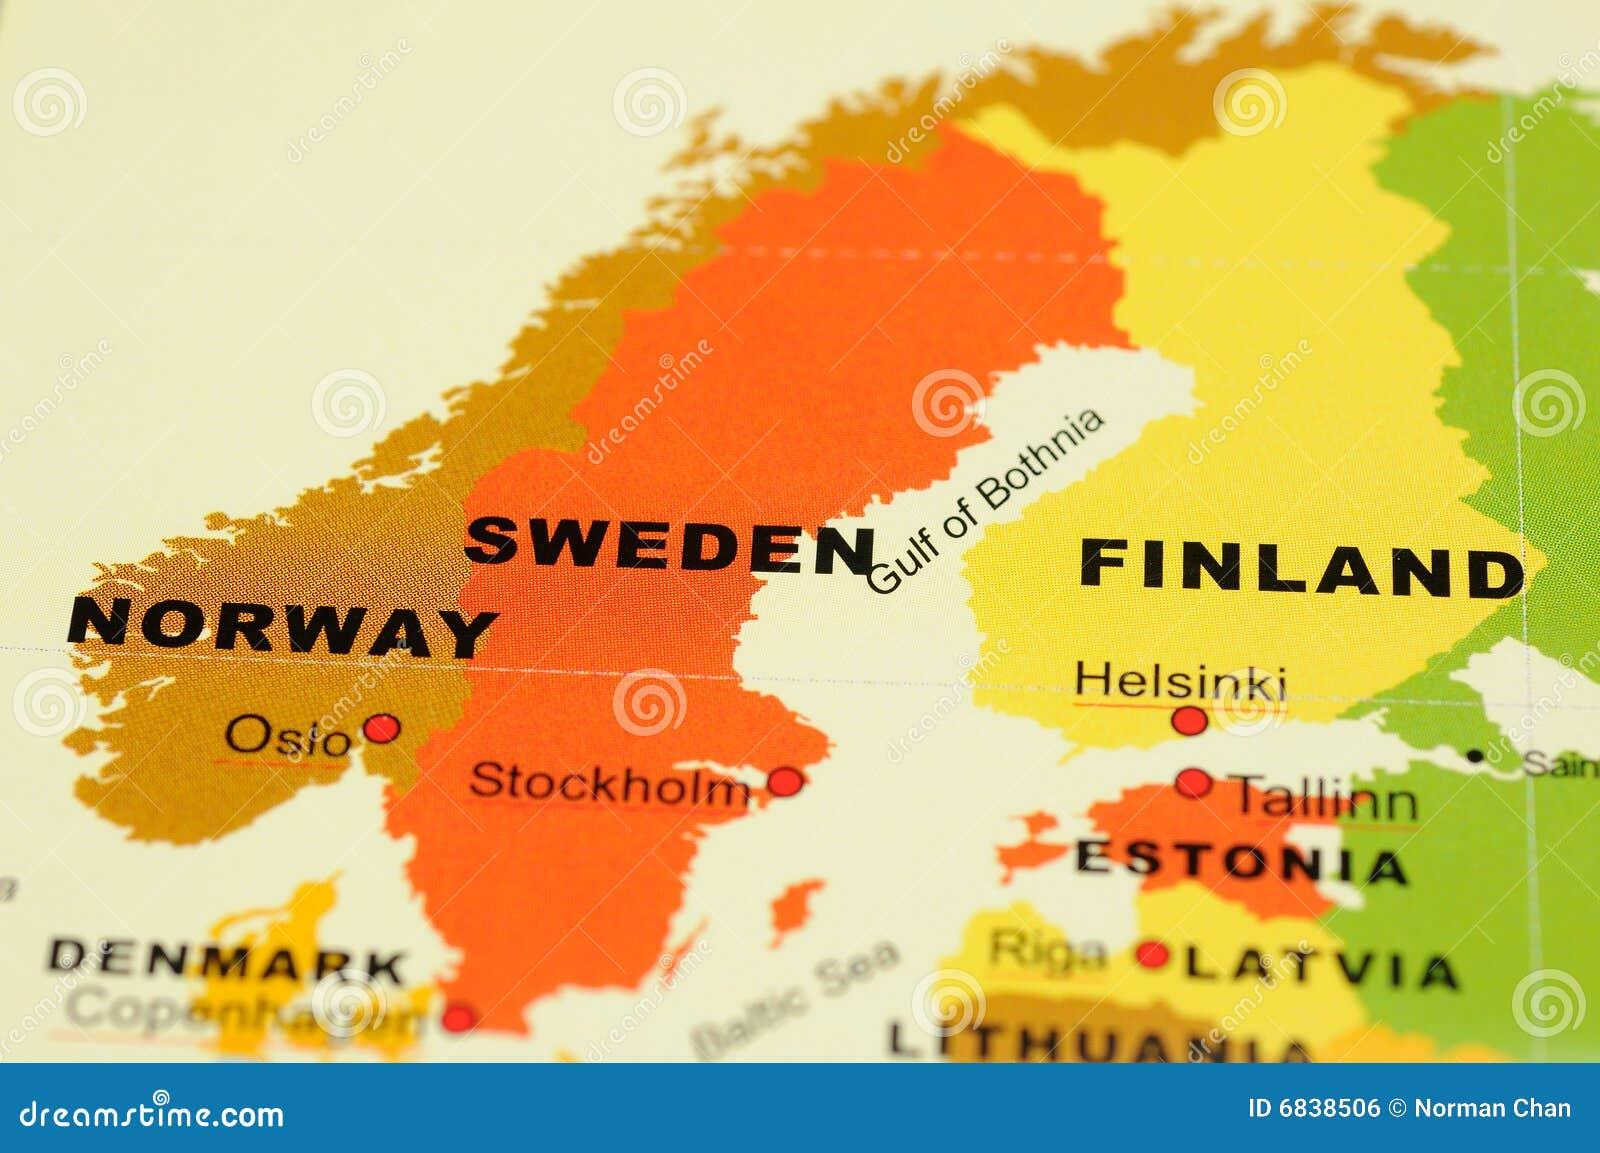 Karte Norwegen Schweden.Norwegen Schweden Und Finnland Auf Karte Stockfoto Bild